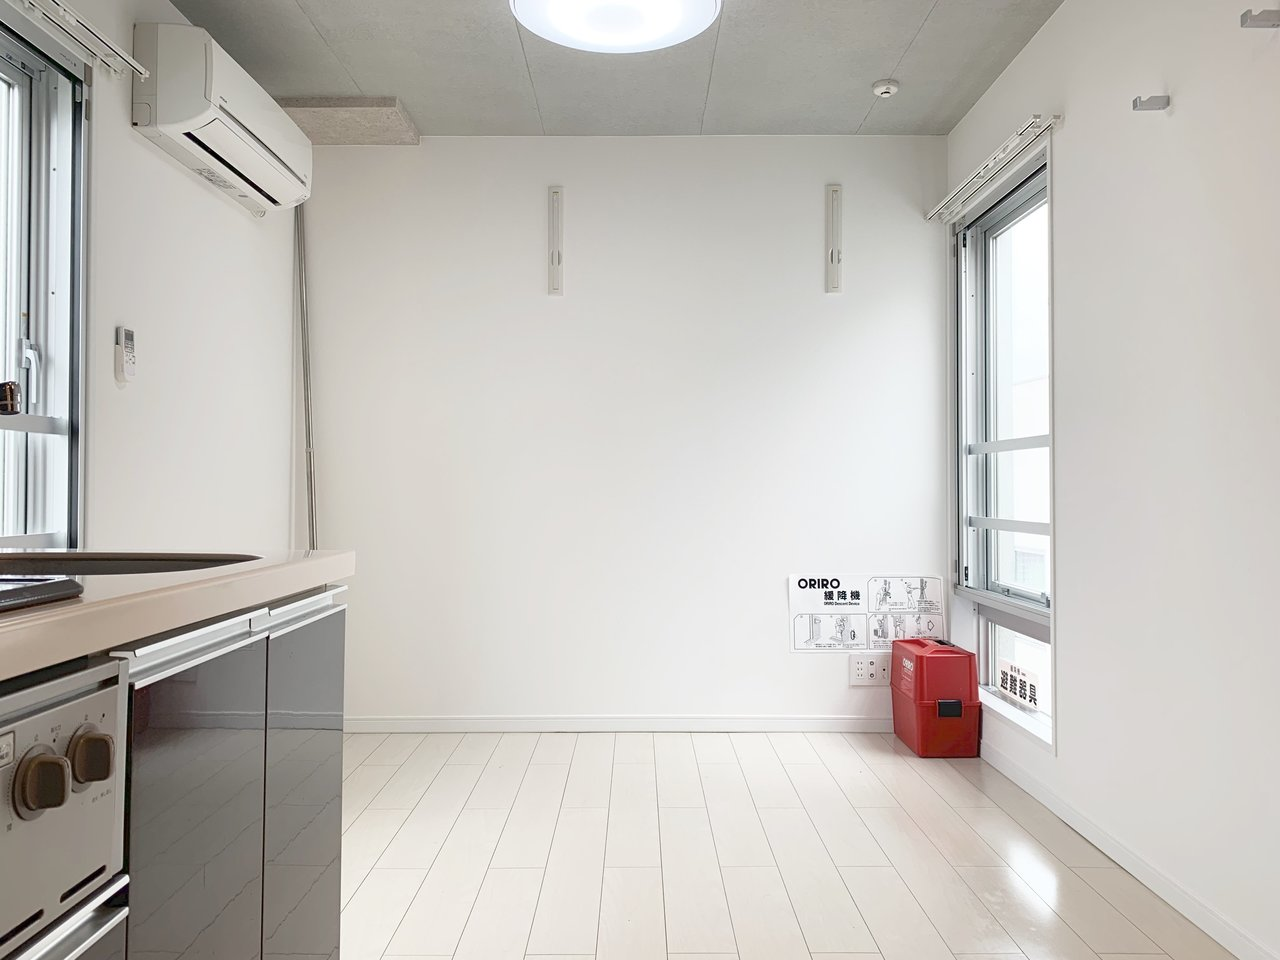 天井はコンクリート打ちっぱなし。居室部分も6畳は確保できます。間取りも使いやすそう。